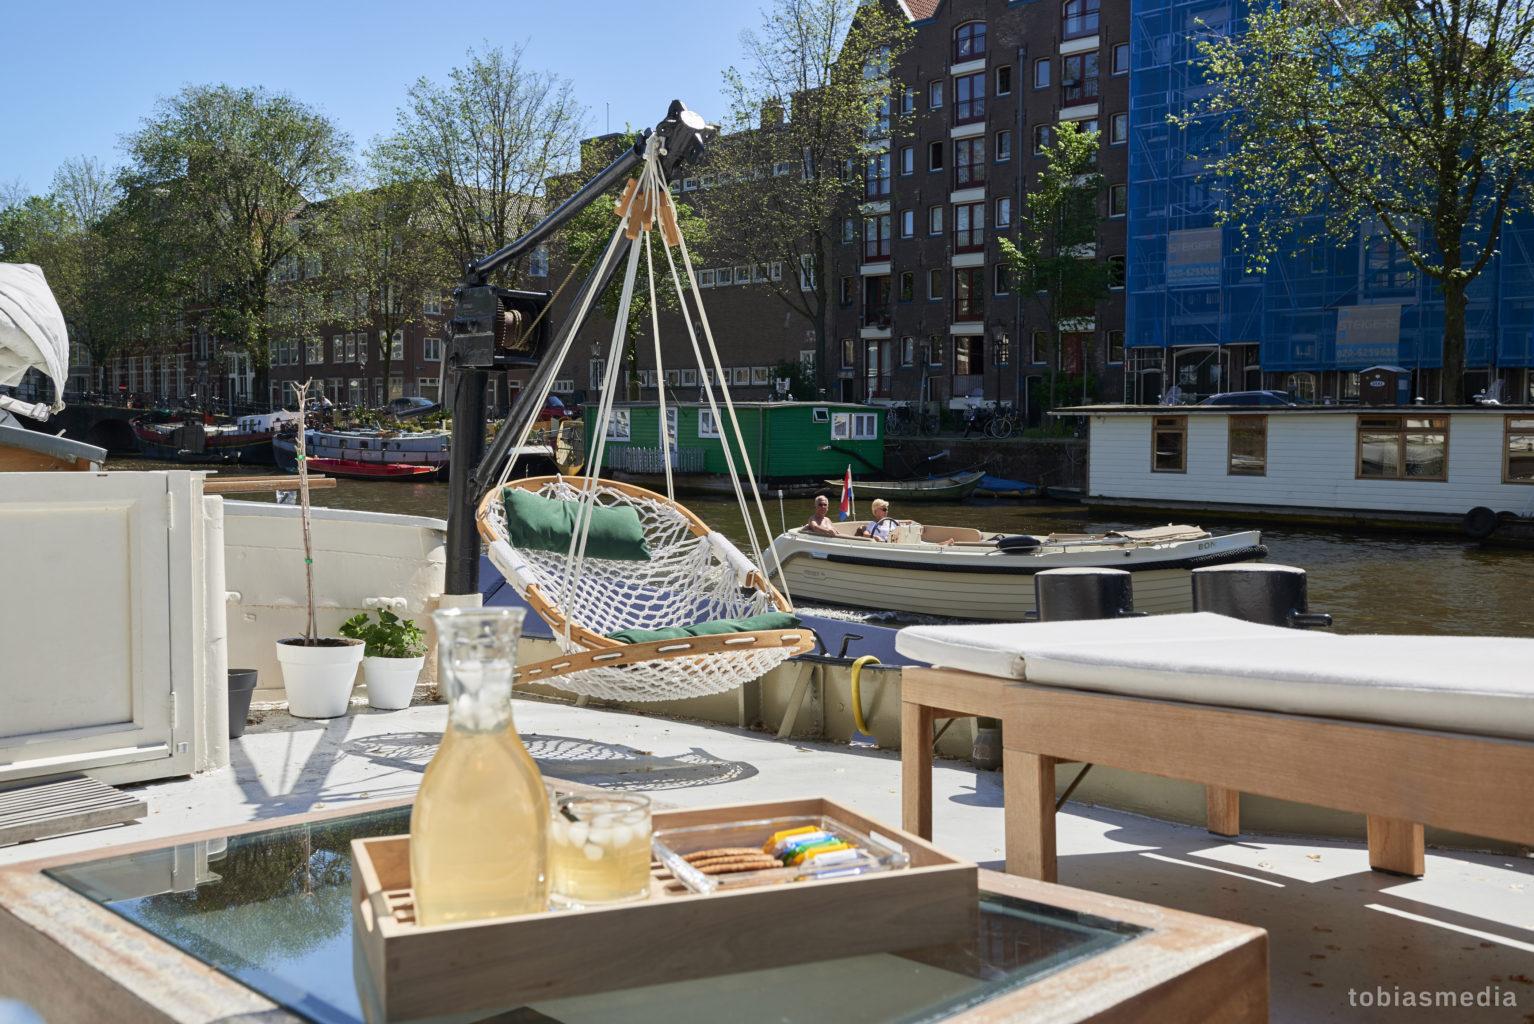 Tobias Media |  Vastgoed & interieur fotografie in Amsterdam en omgeving.